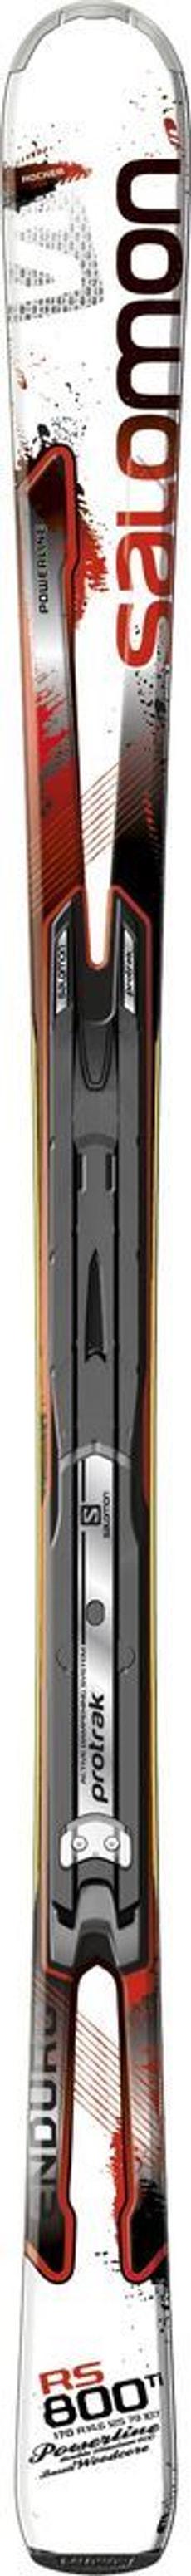 ENDURO RS 800 TI + Z12 SALOMON